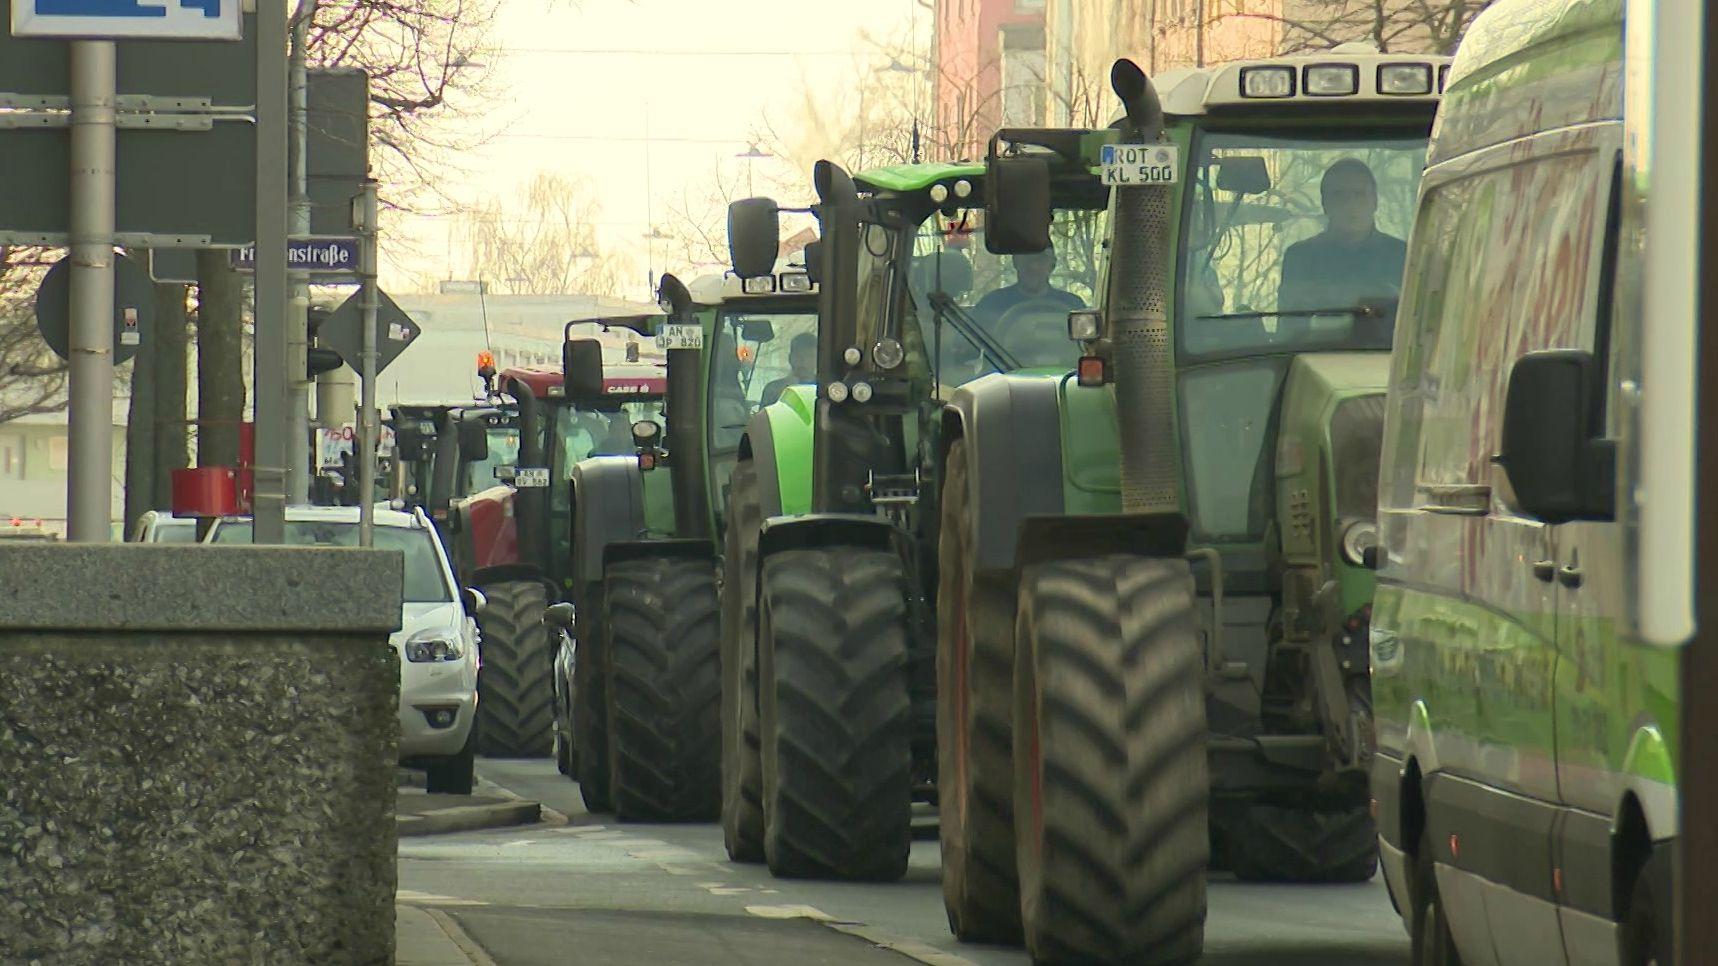 Traktoren in der Nürnberger Innenstadt